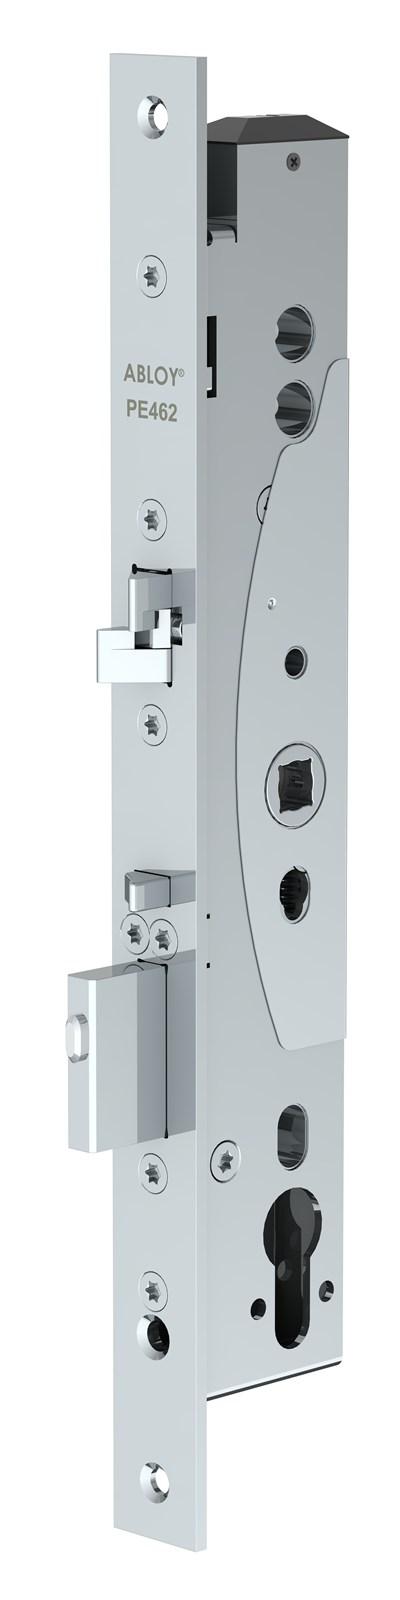 Lock case PE462